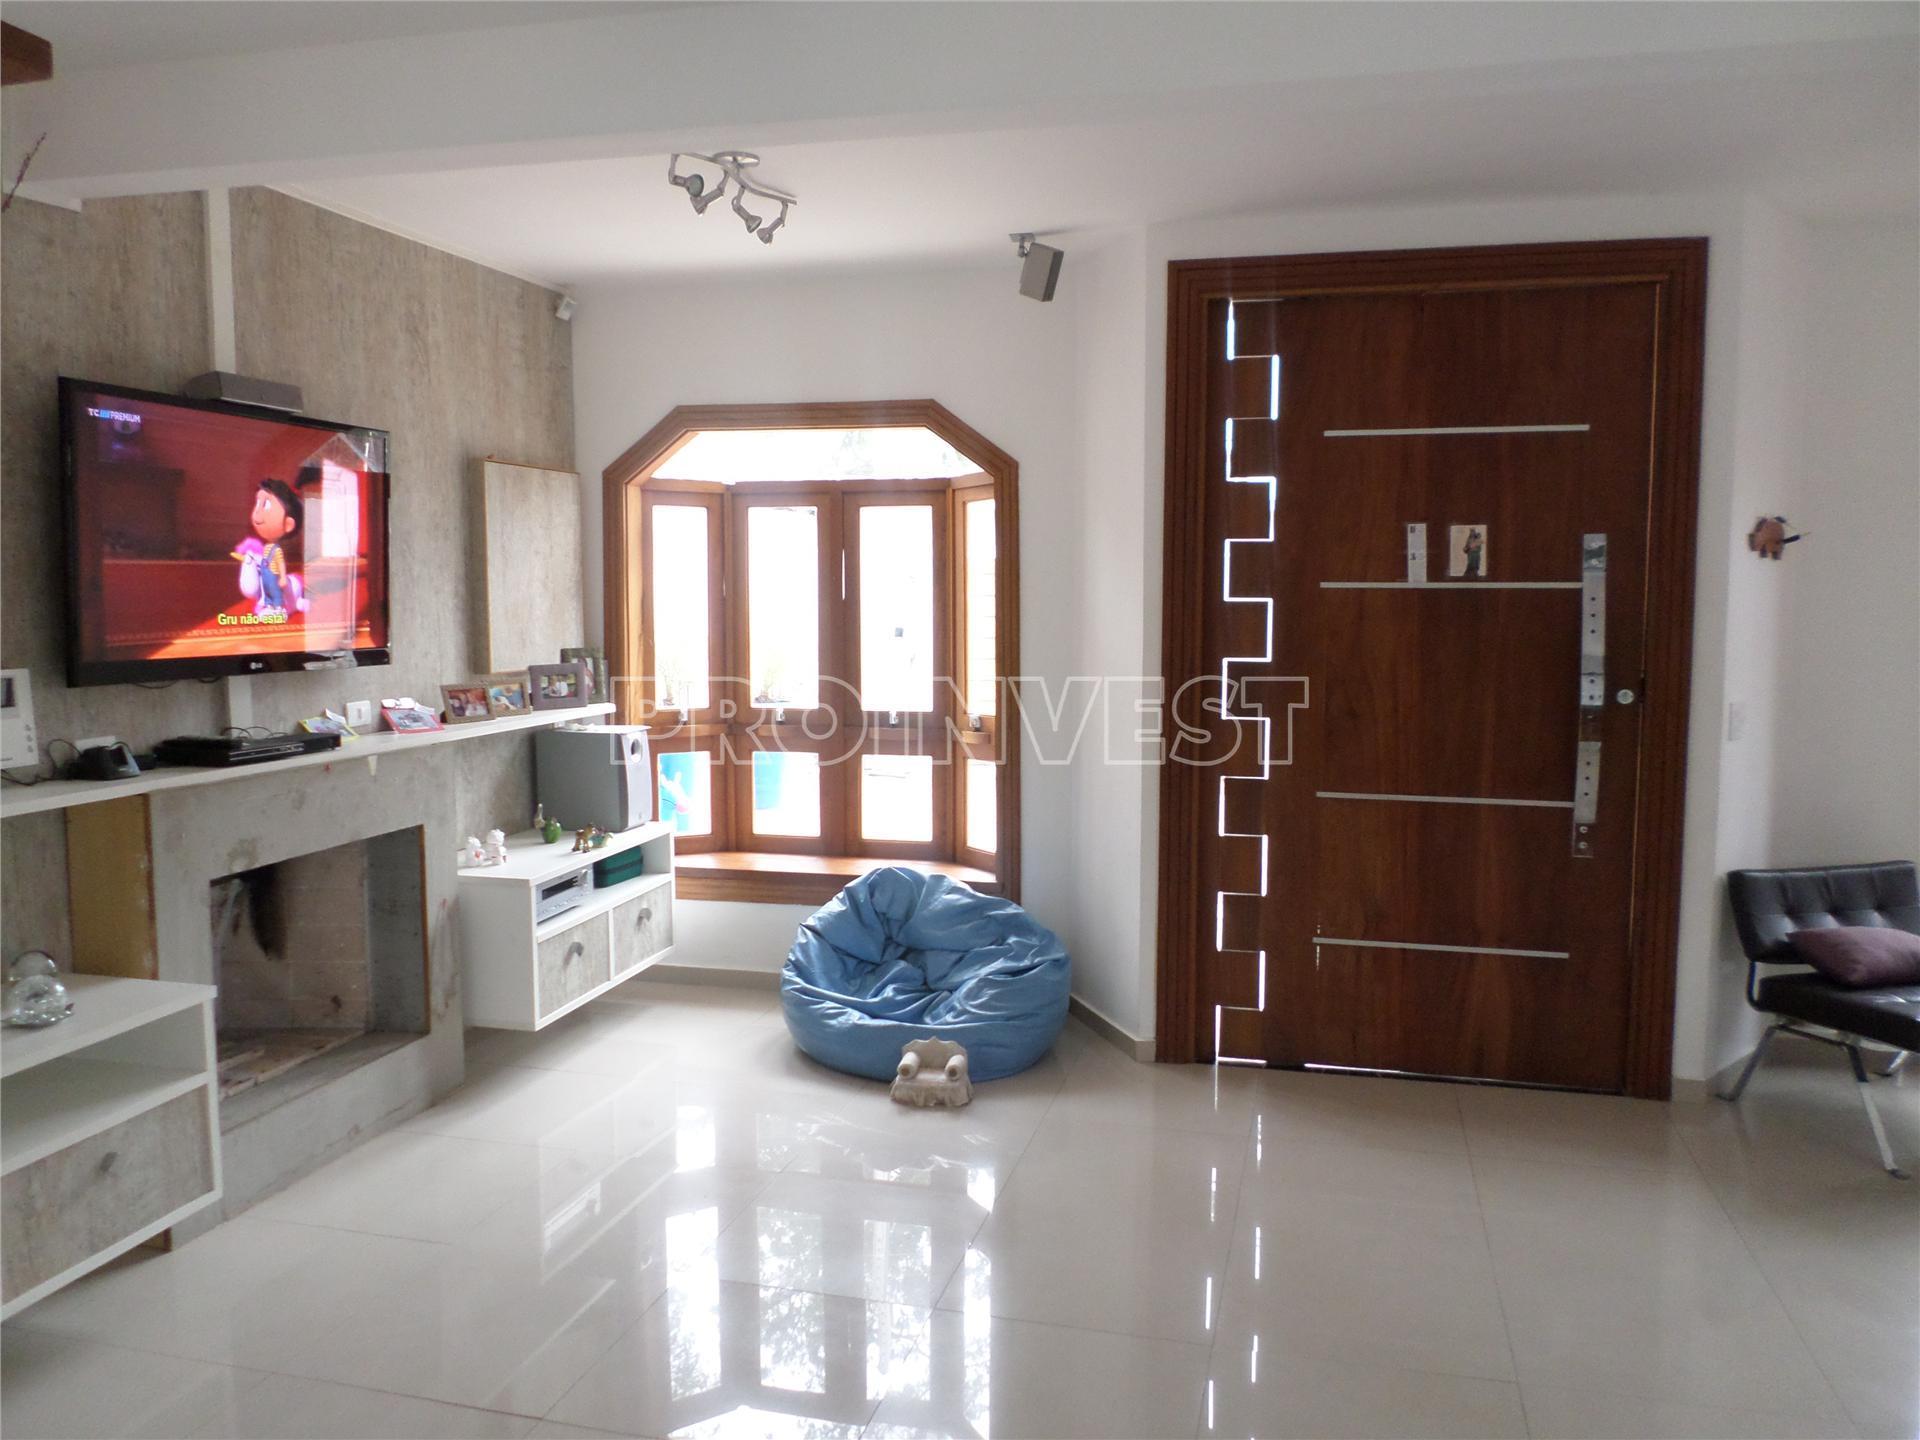 Casa de 3 dormitórios em Vila Jovina, Cotia - SP